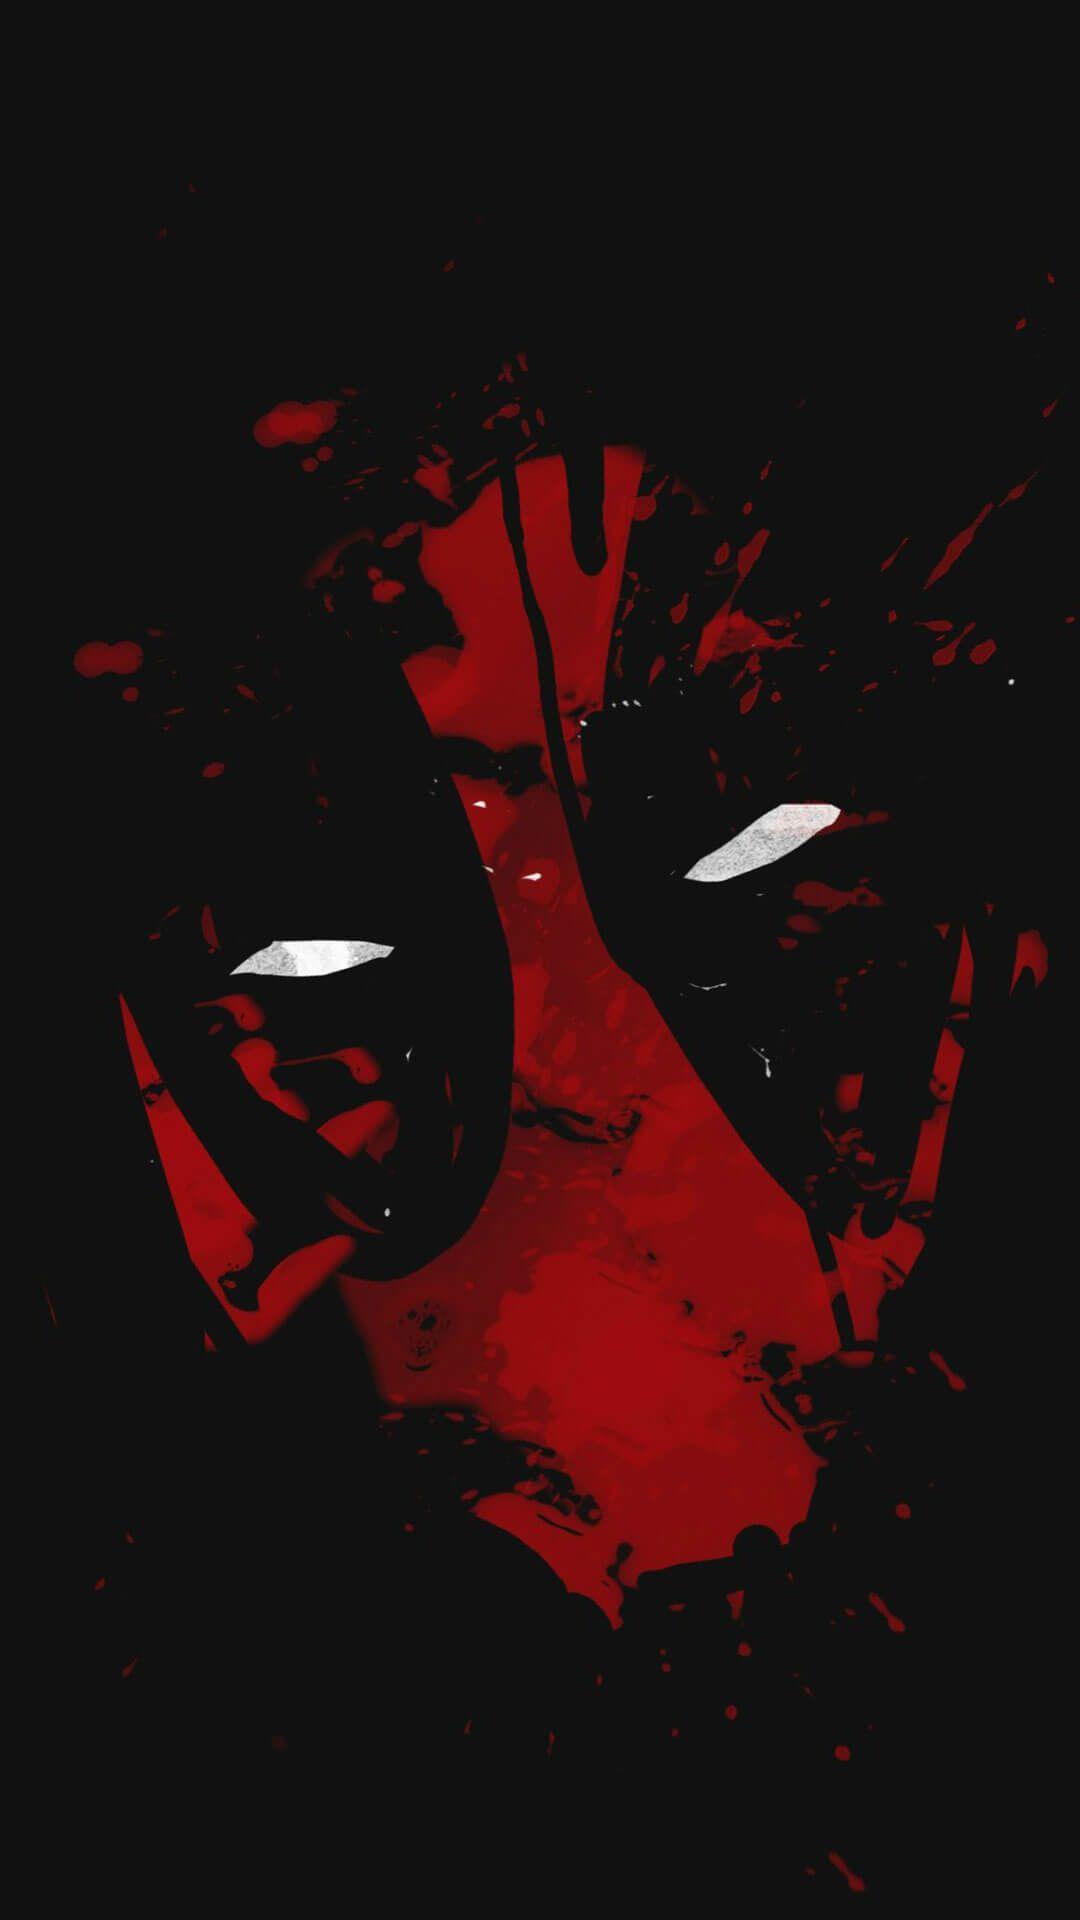 Deadpool Deadpool Hd Wallpaper Deadpool Wallpaper Marvel Comics Wallpaper